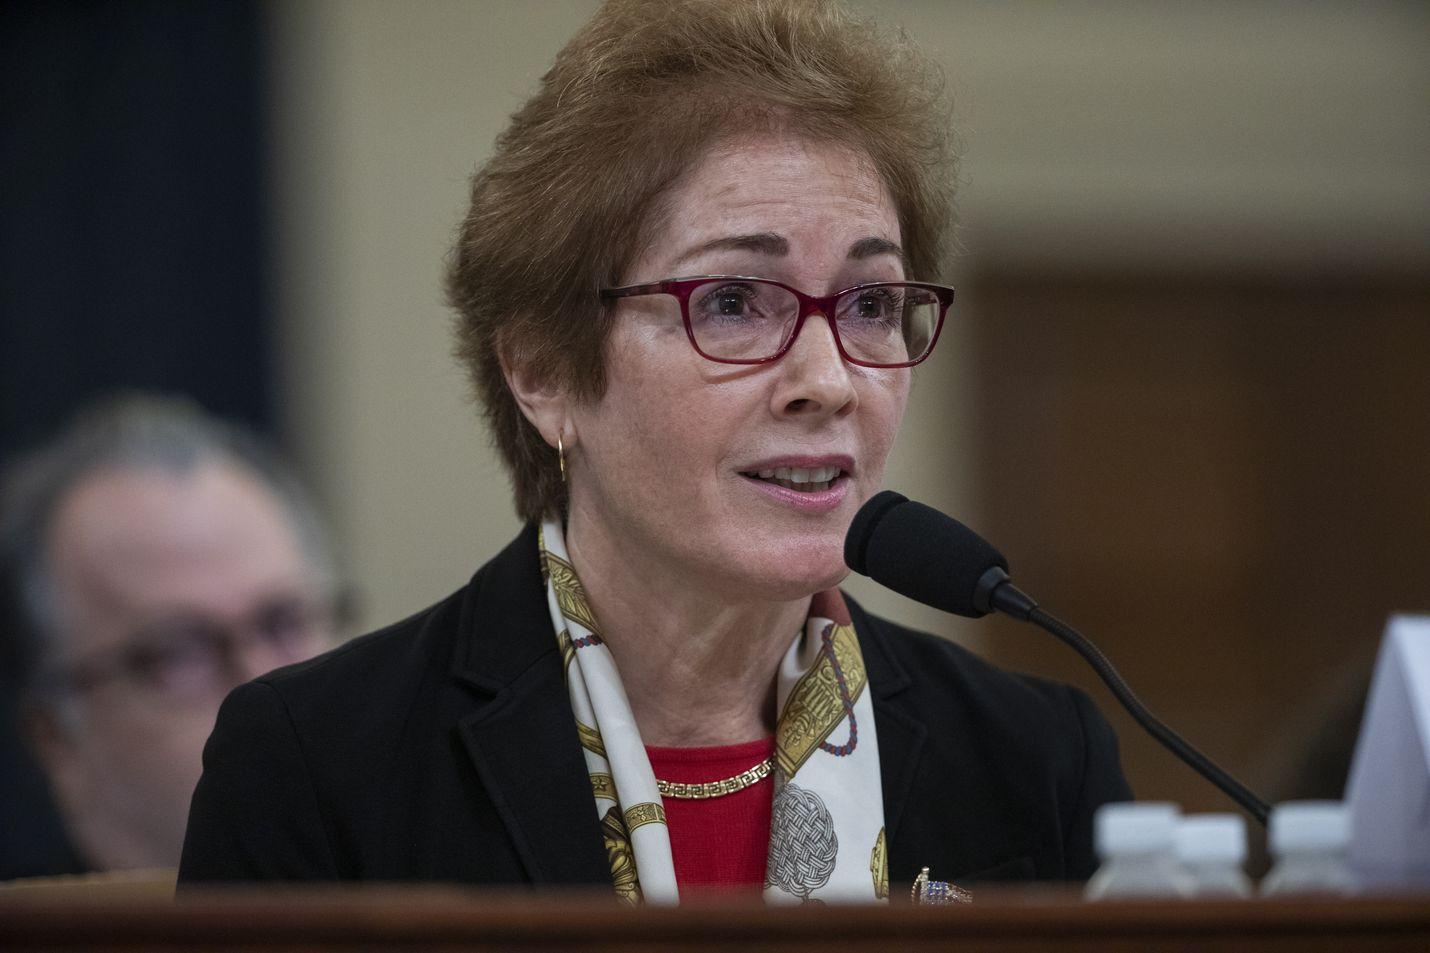 Yhdysvaltain entinen Ukrainan-suurlähettiläs Marie Yovanovitch todisti virkarikostutkinnassa perjantaina.